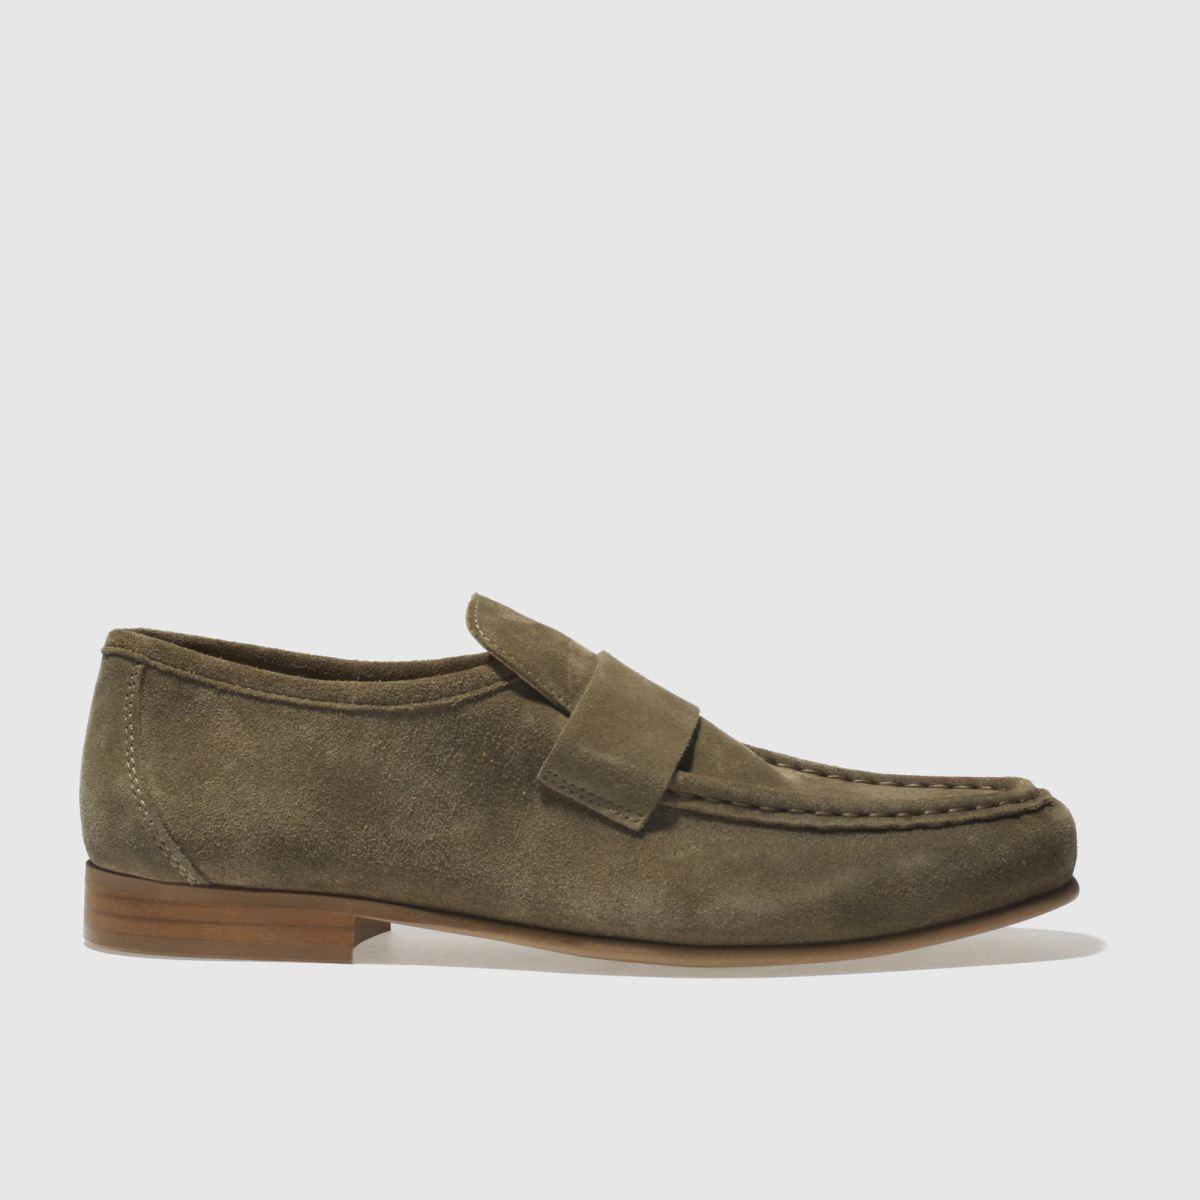 Schuh Khaki Argent Shoes